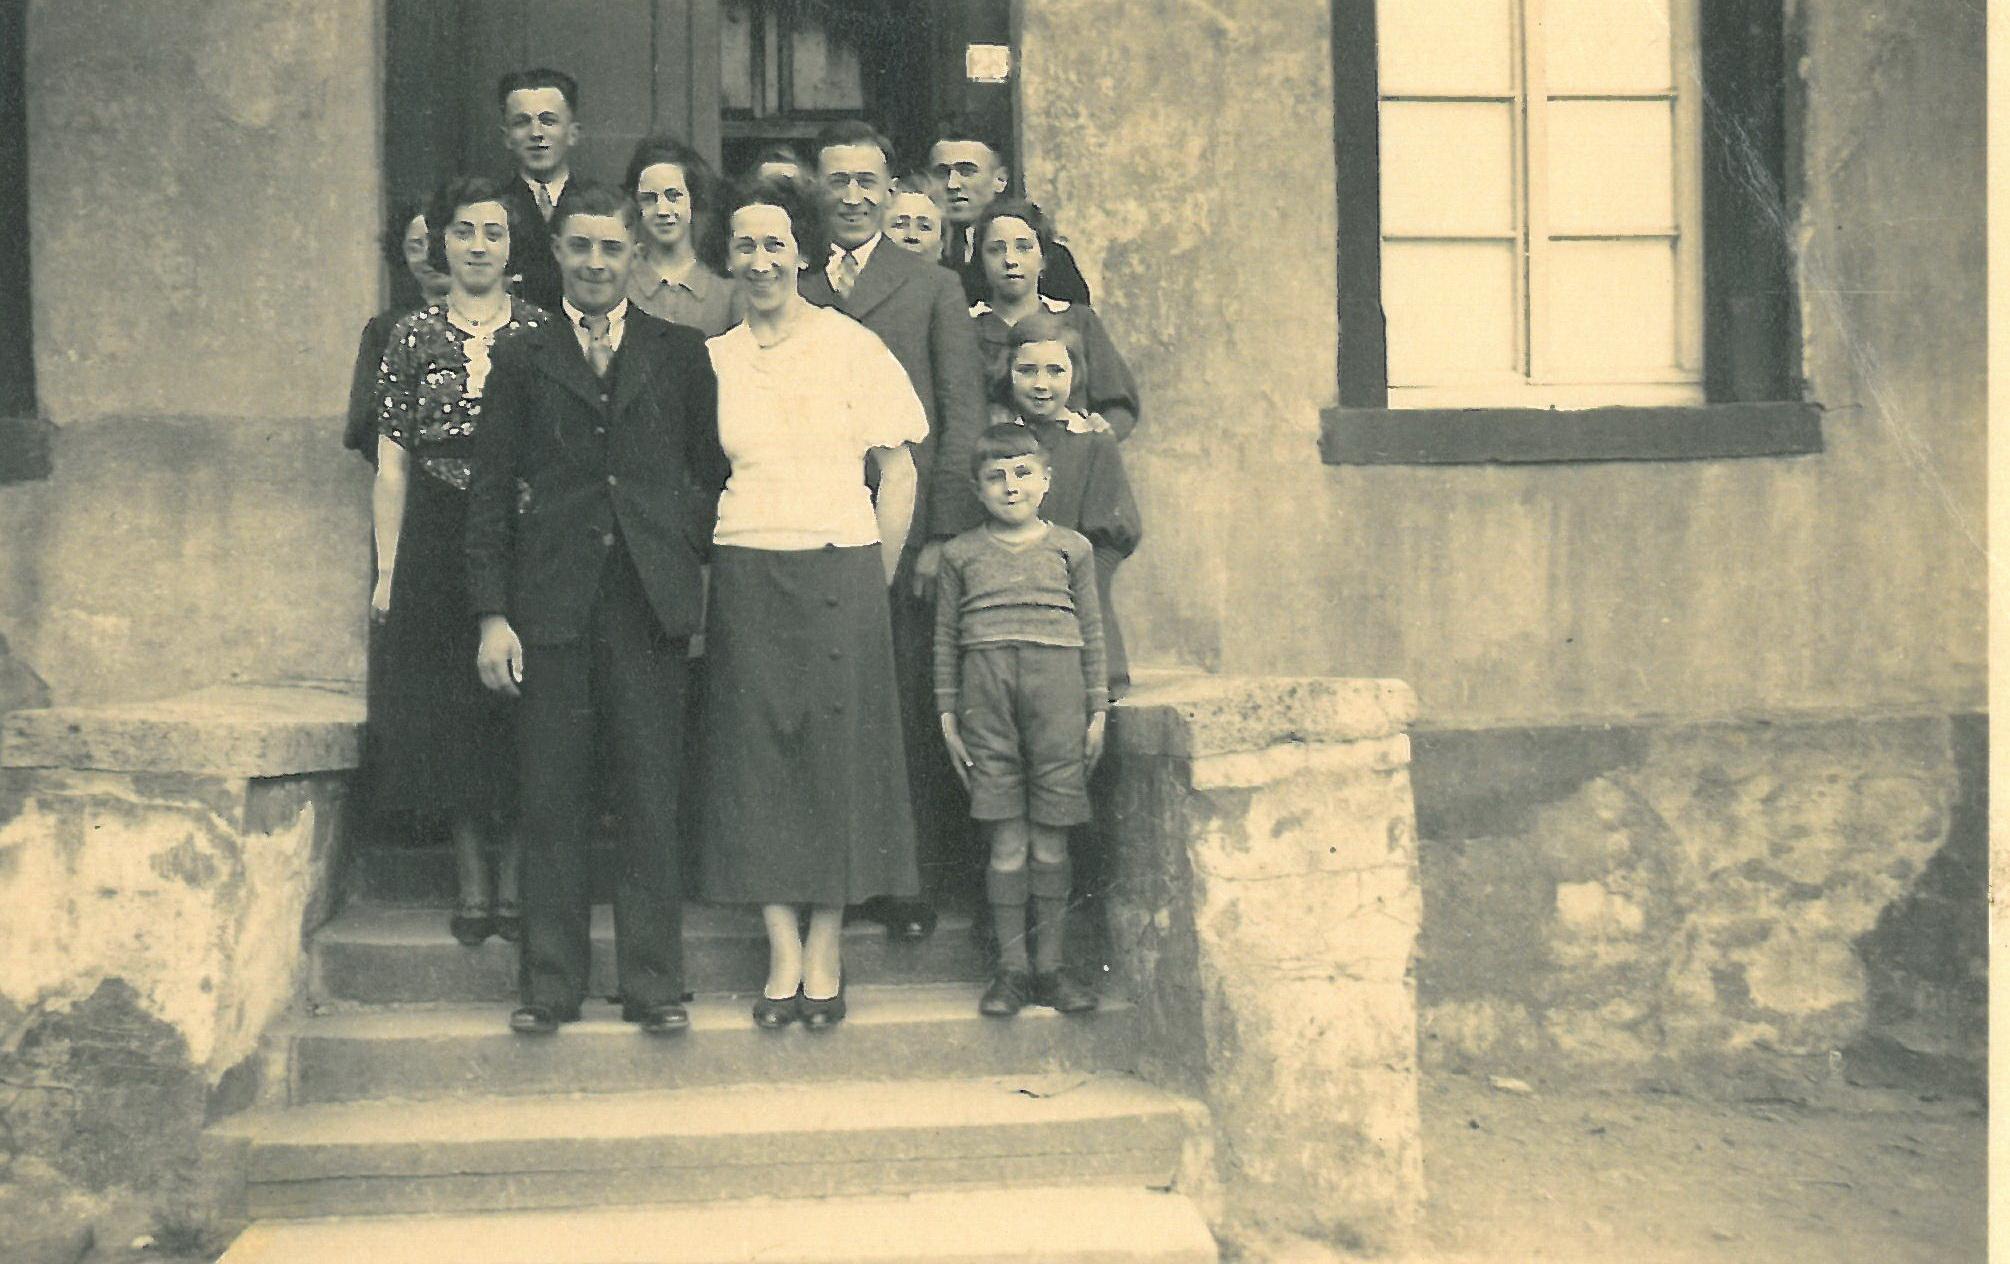 Hochzeitsgesellschaft 1937 in Udenbreth